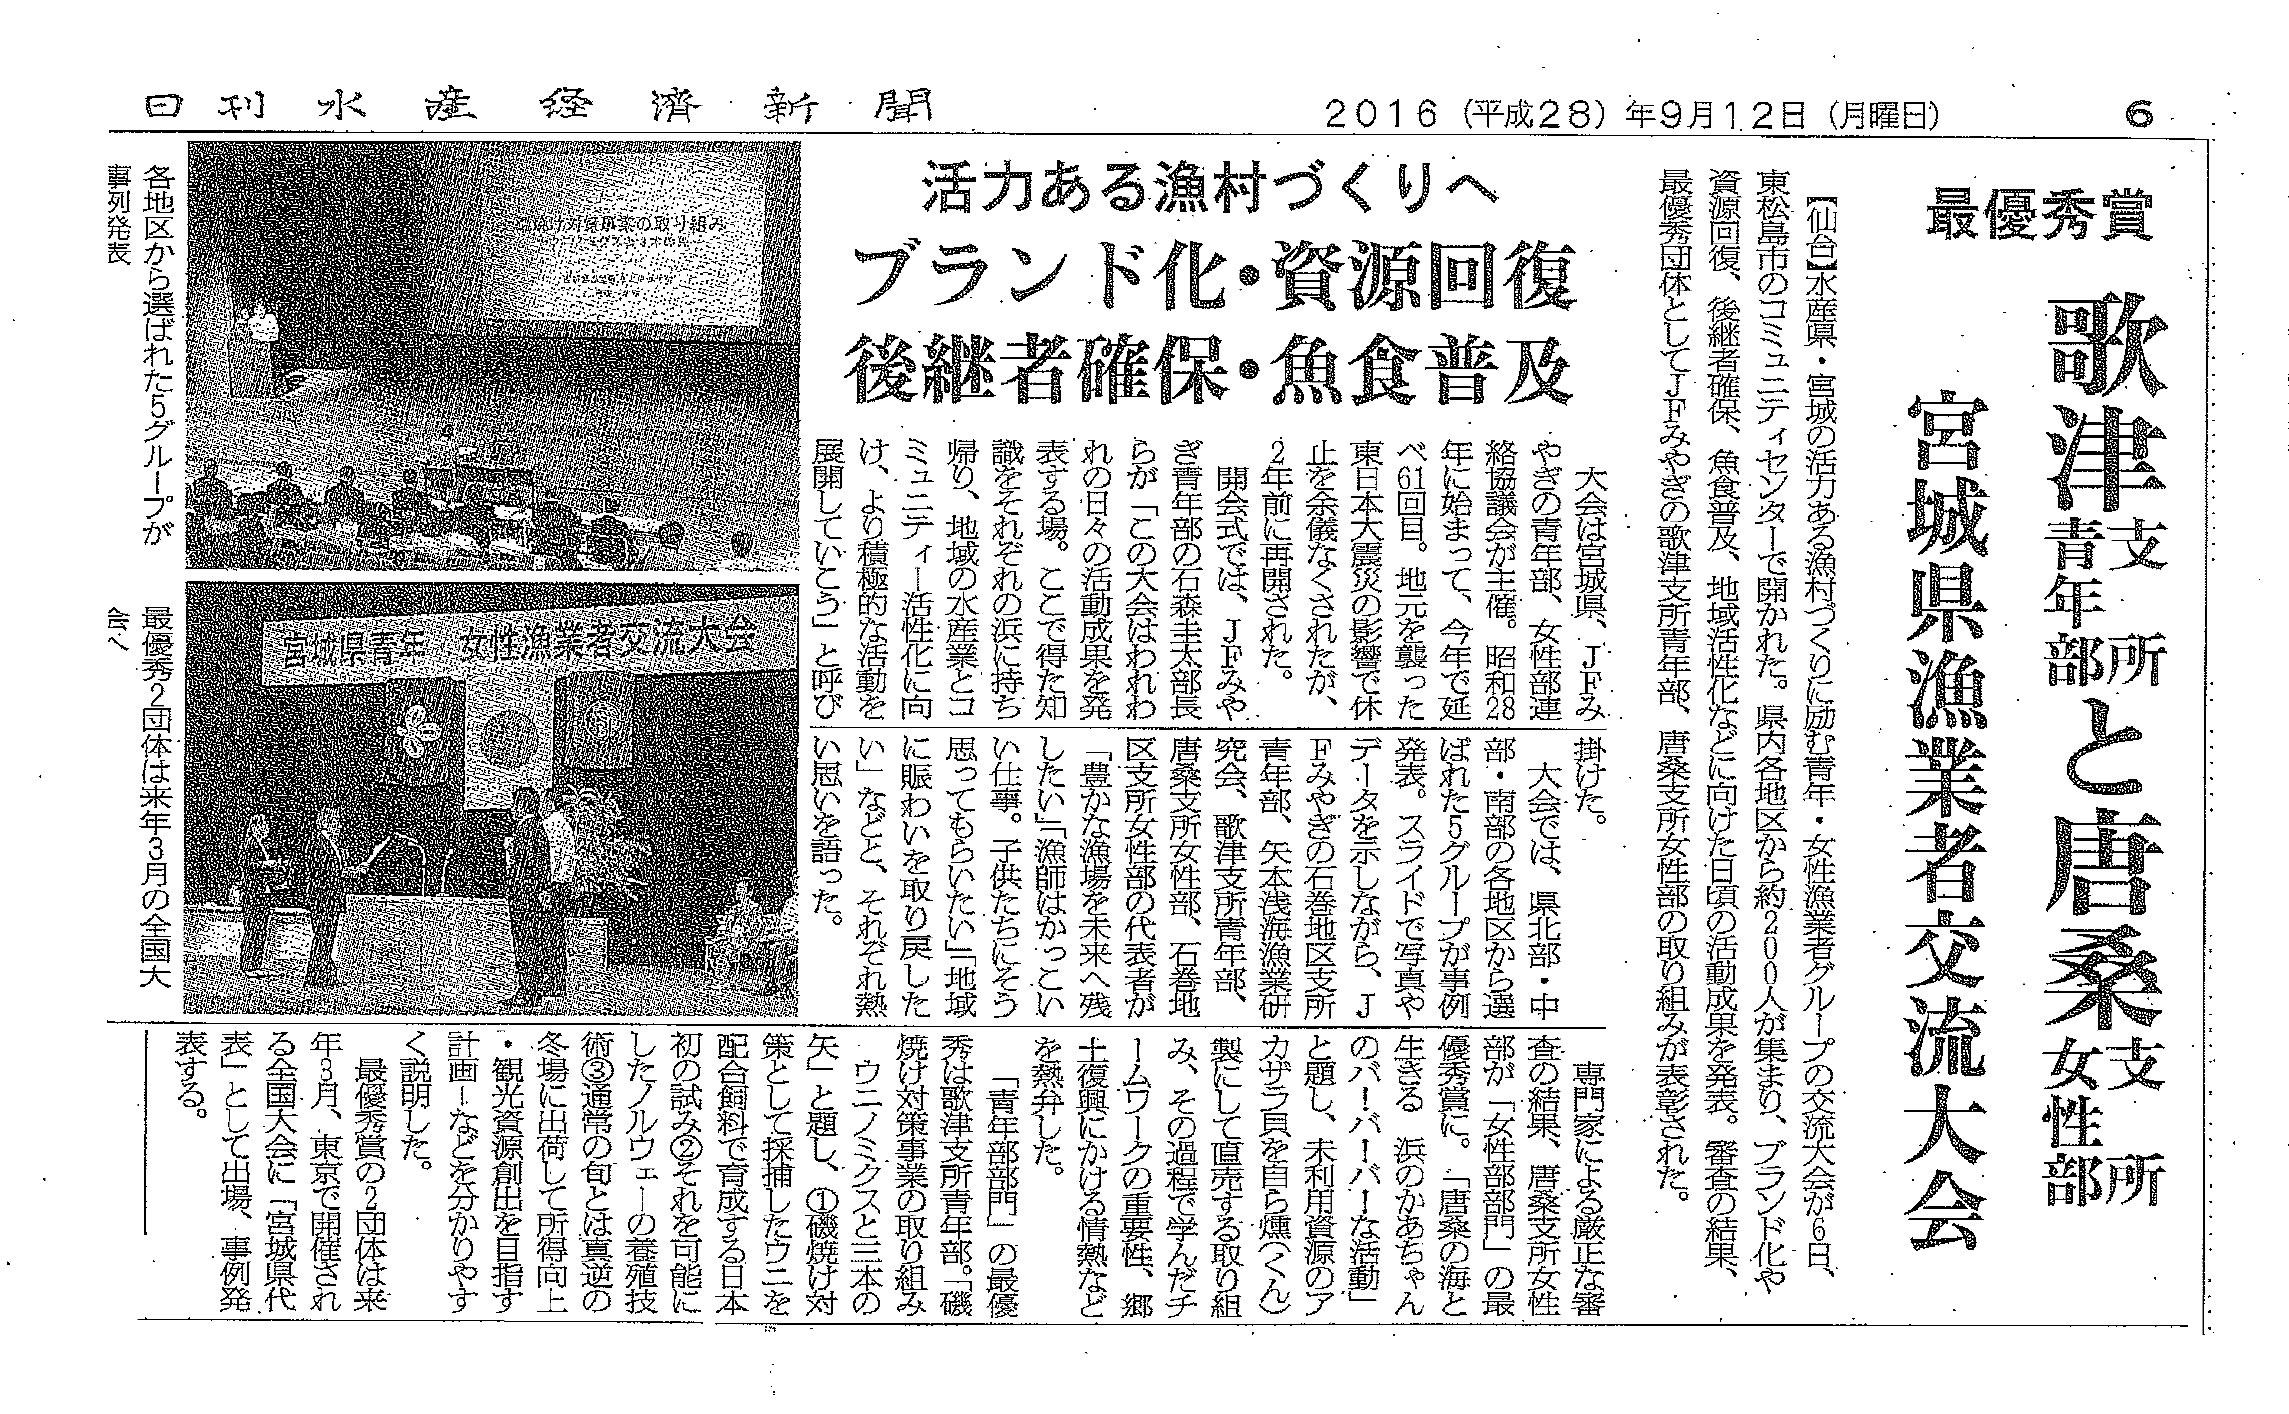 Suisan Keizai 09.12.2016.jpg